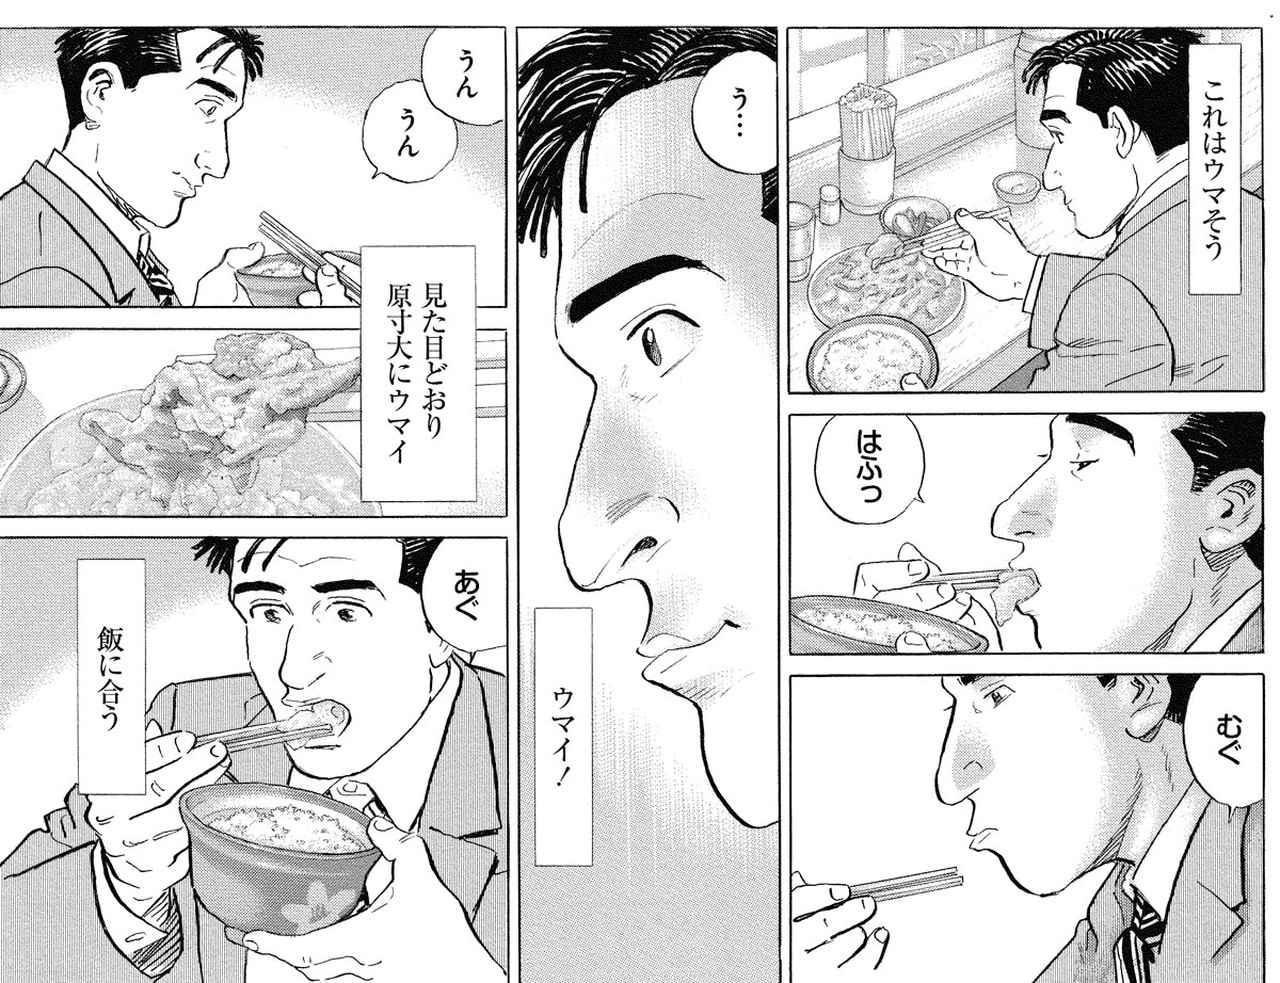 画像: 五郎がご飯を食べるシーン。食べるときの表情だけでなく、箸の持ち方や動きにもこだわりが。1コマ、1コマ手元まで細かく描き分けている